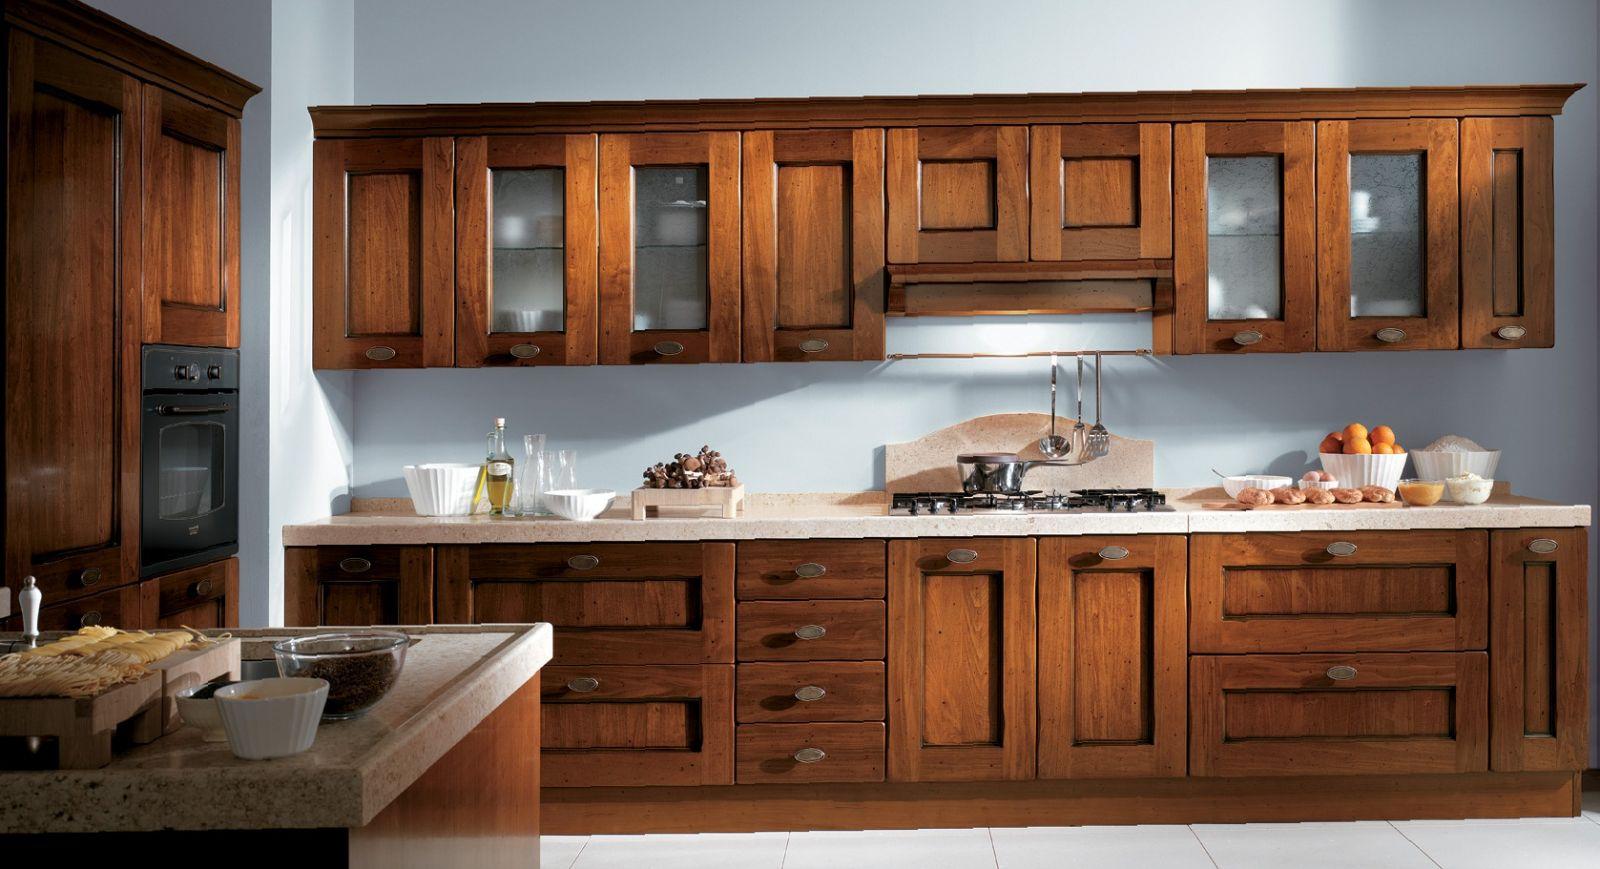 Türen für Küchenschränke: Schiebetüren in der Küche, nicht zu ...